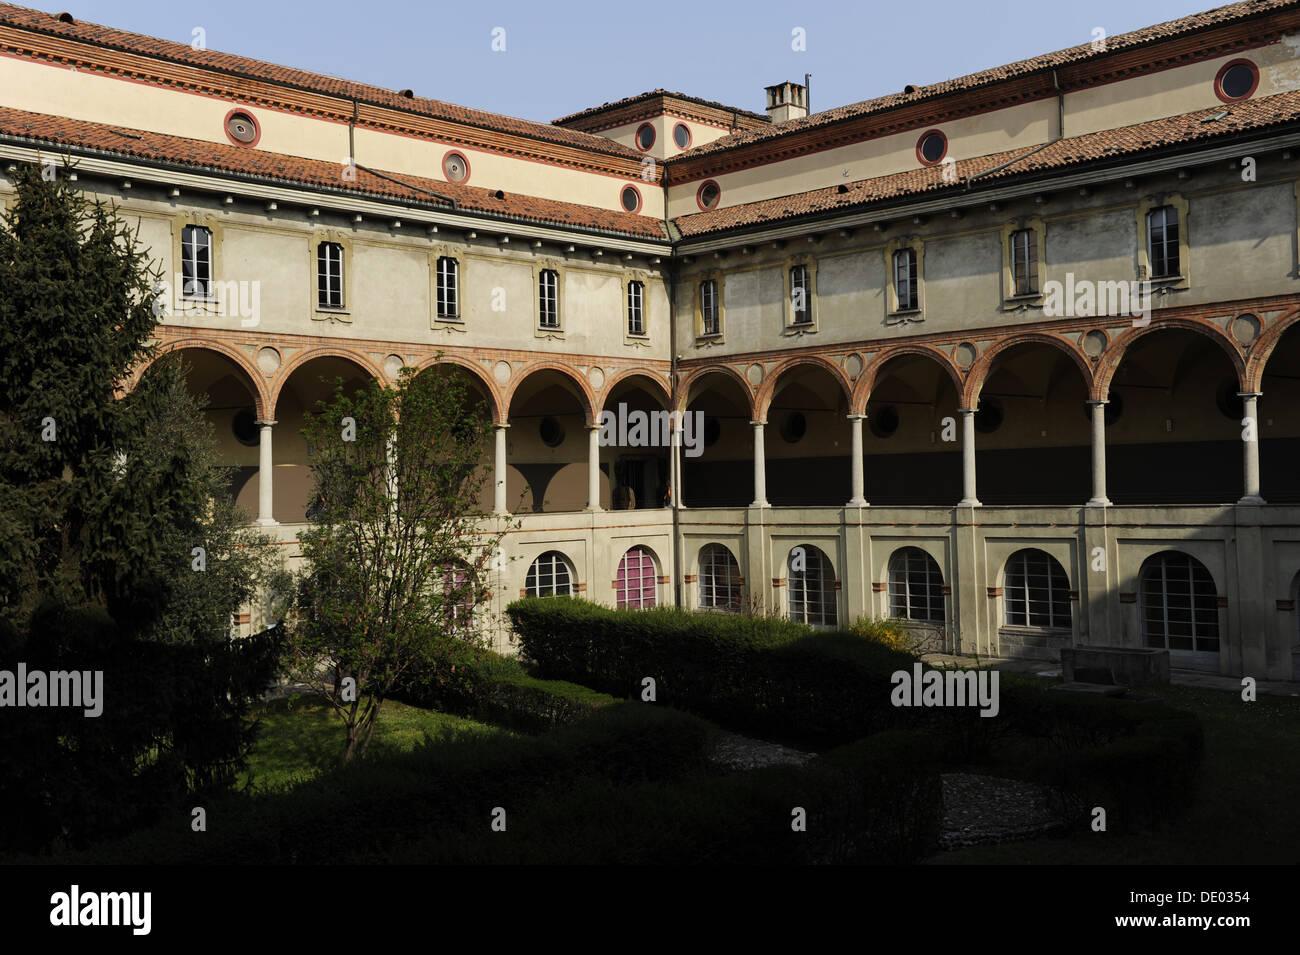 Il Museo della Scienza e della Tecnologia Leonardo da Vinci. Antico monastero di San Vittore al Corpo. Chiostro. Milano. L'Italia. Immagini Stock